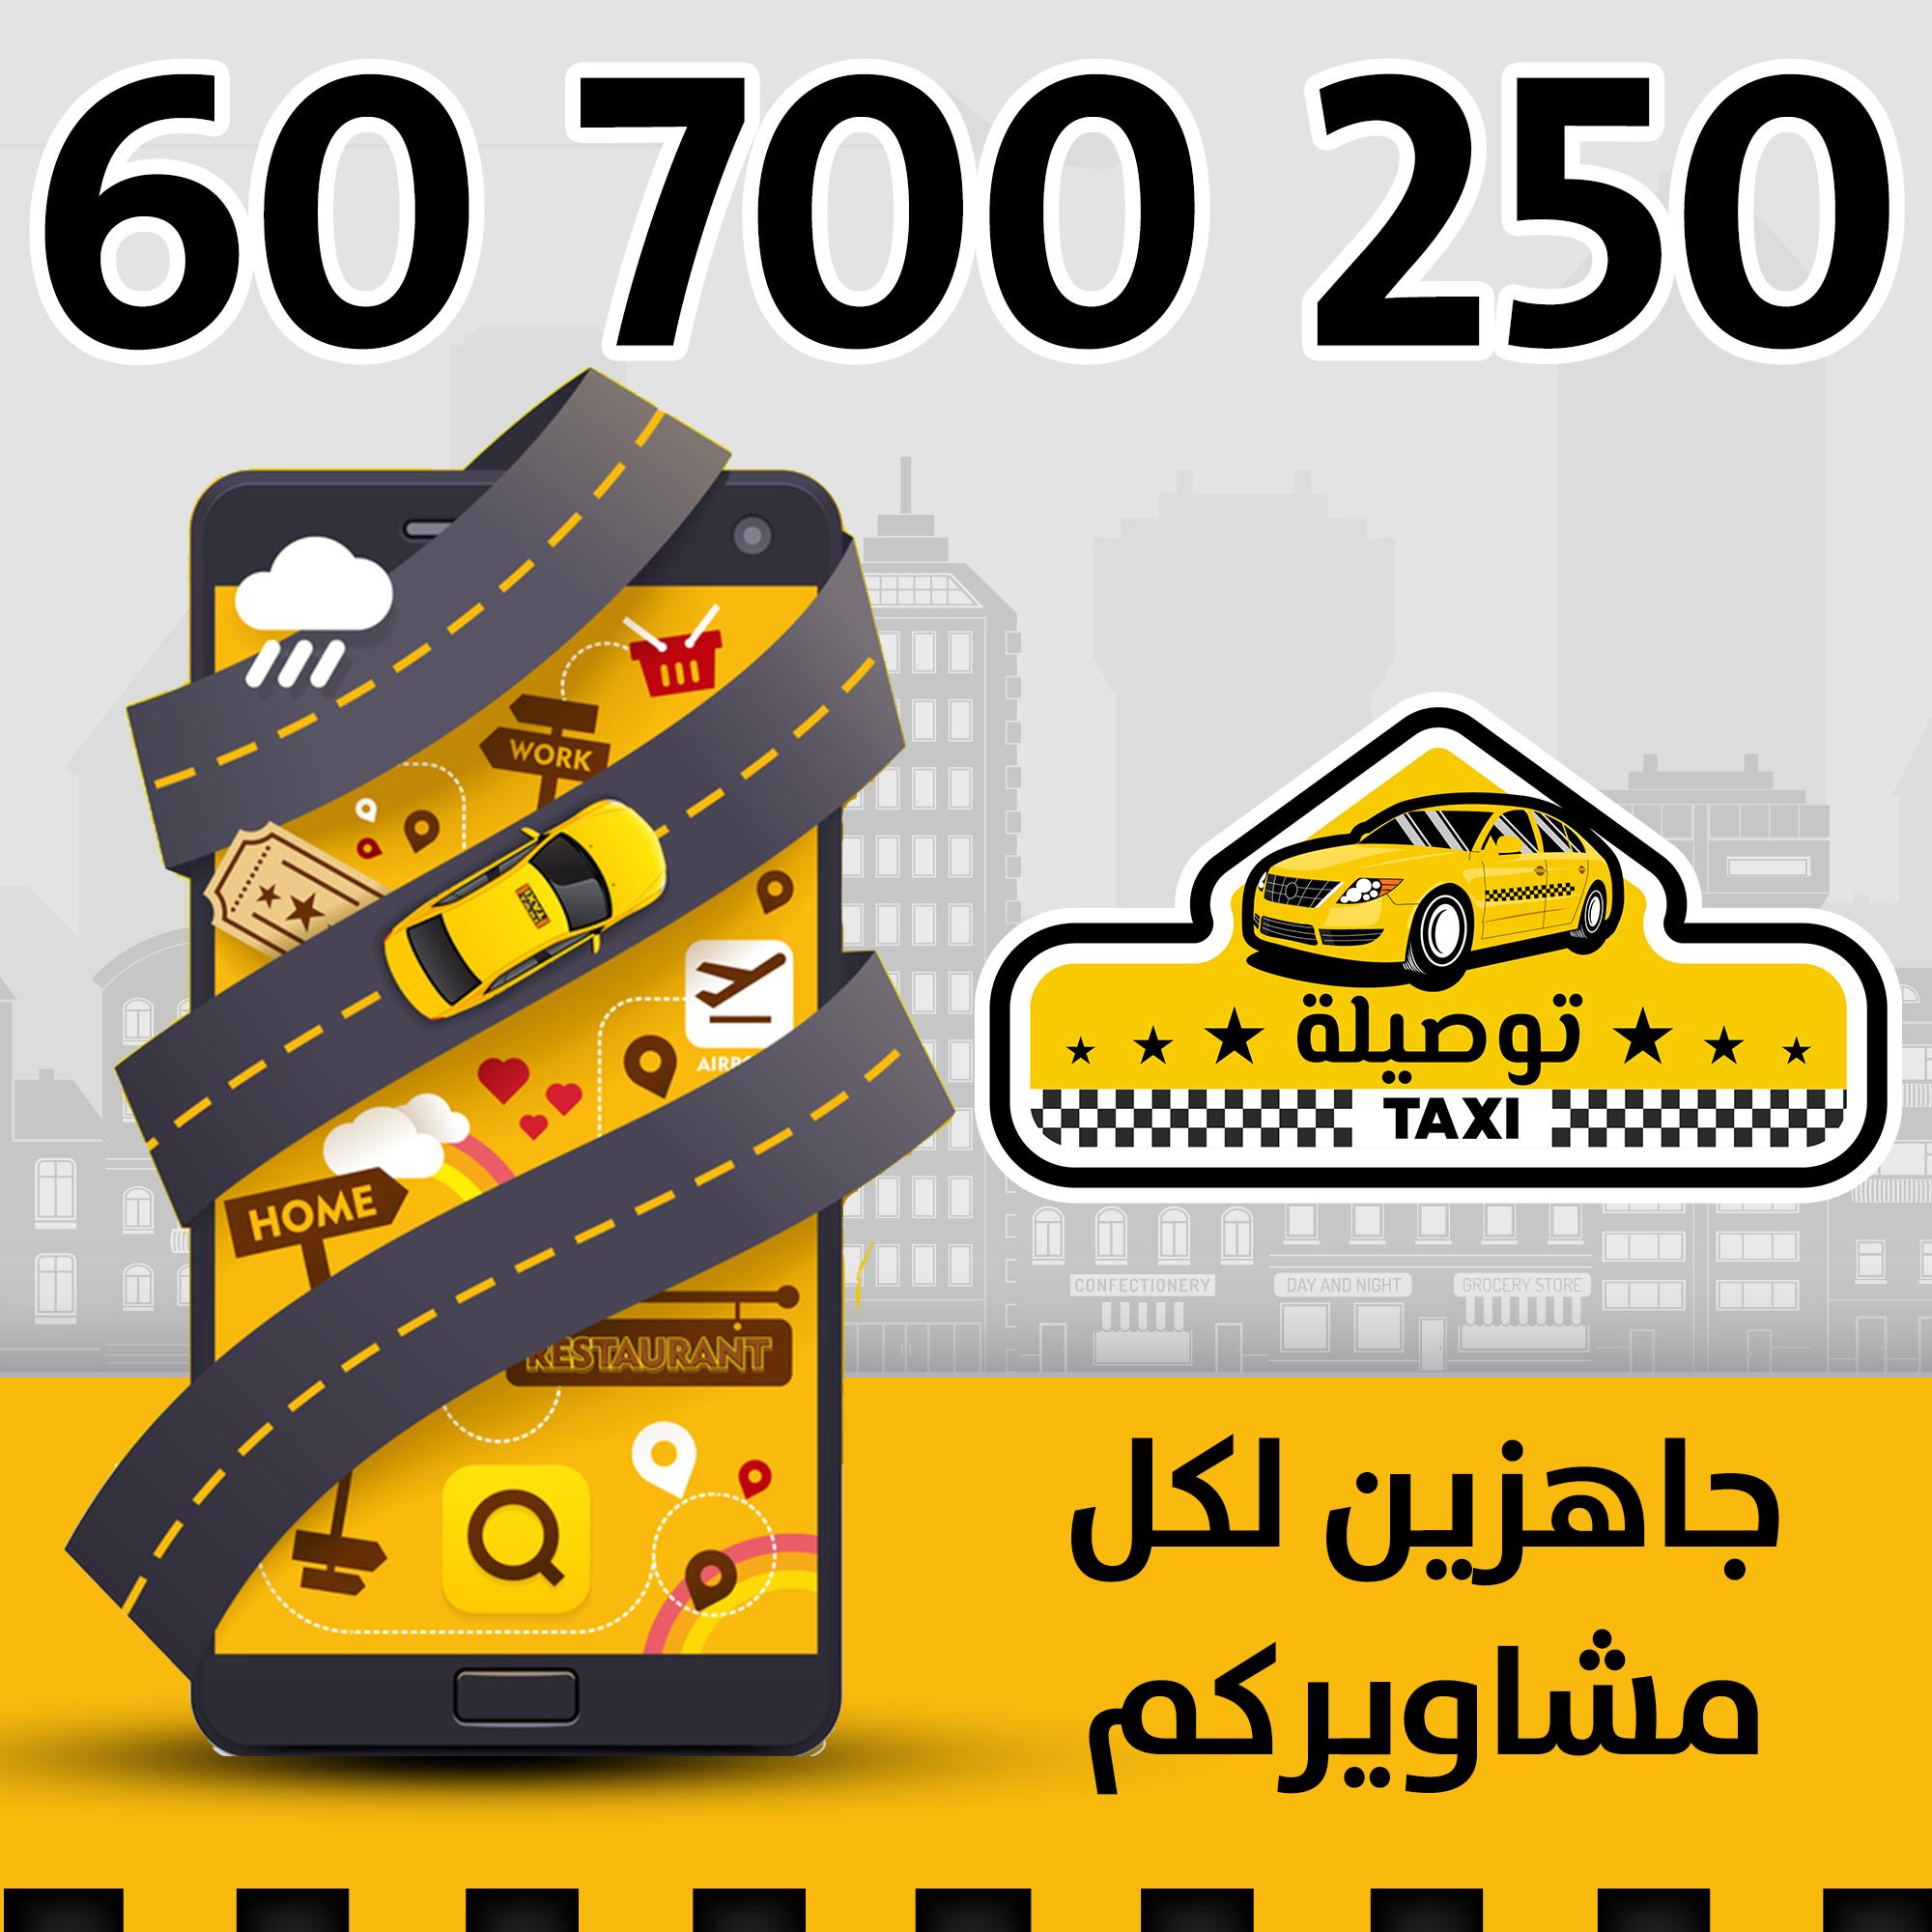 تاكسي توصيلة في شارع عبدالعزيز حمد الصقر